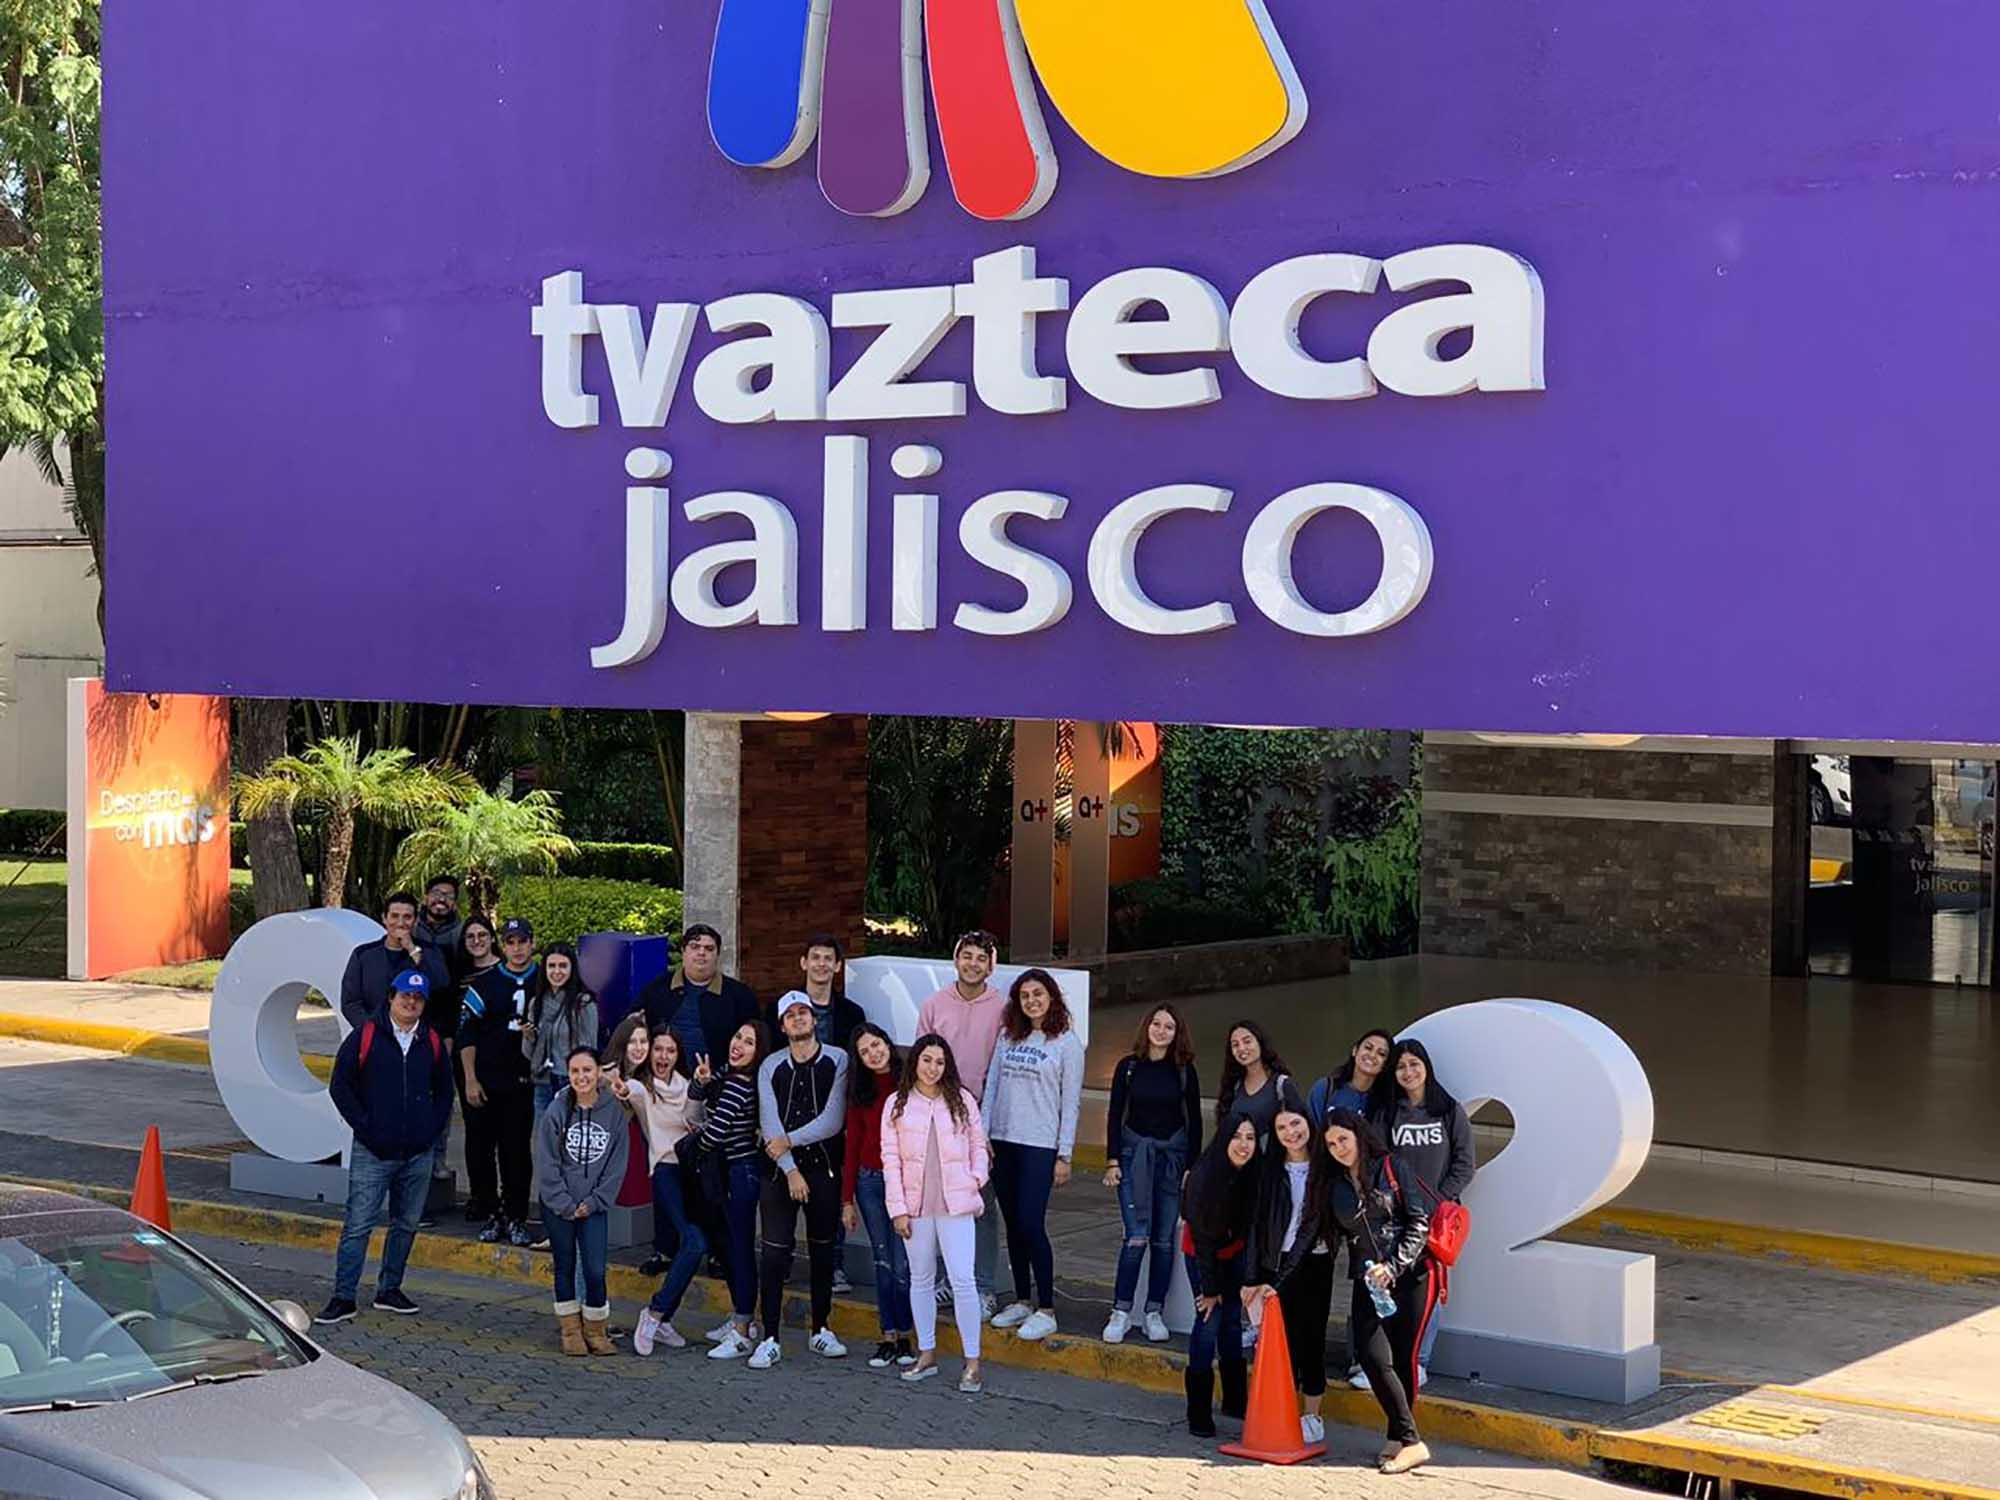 Visita TV Azteca